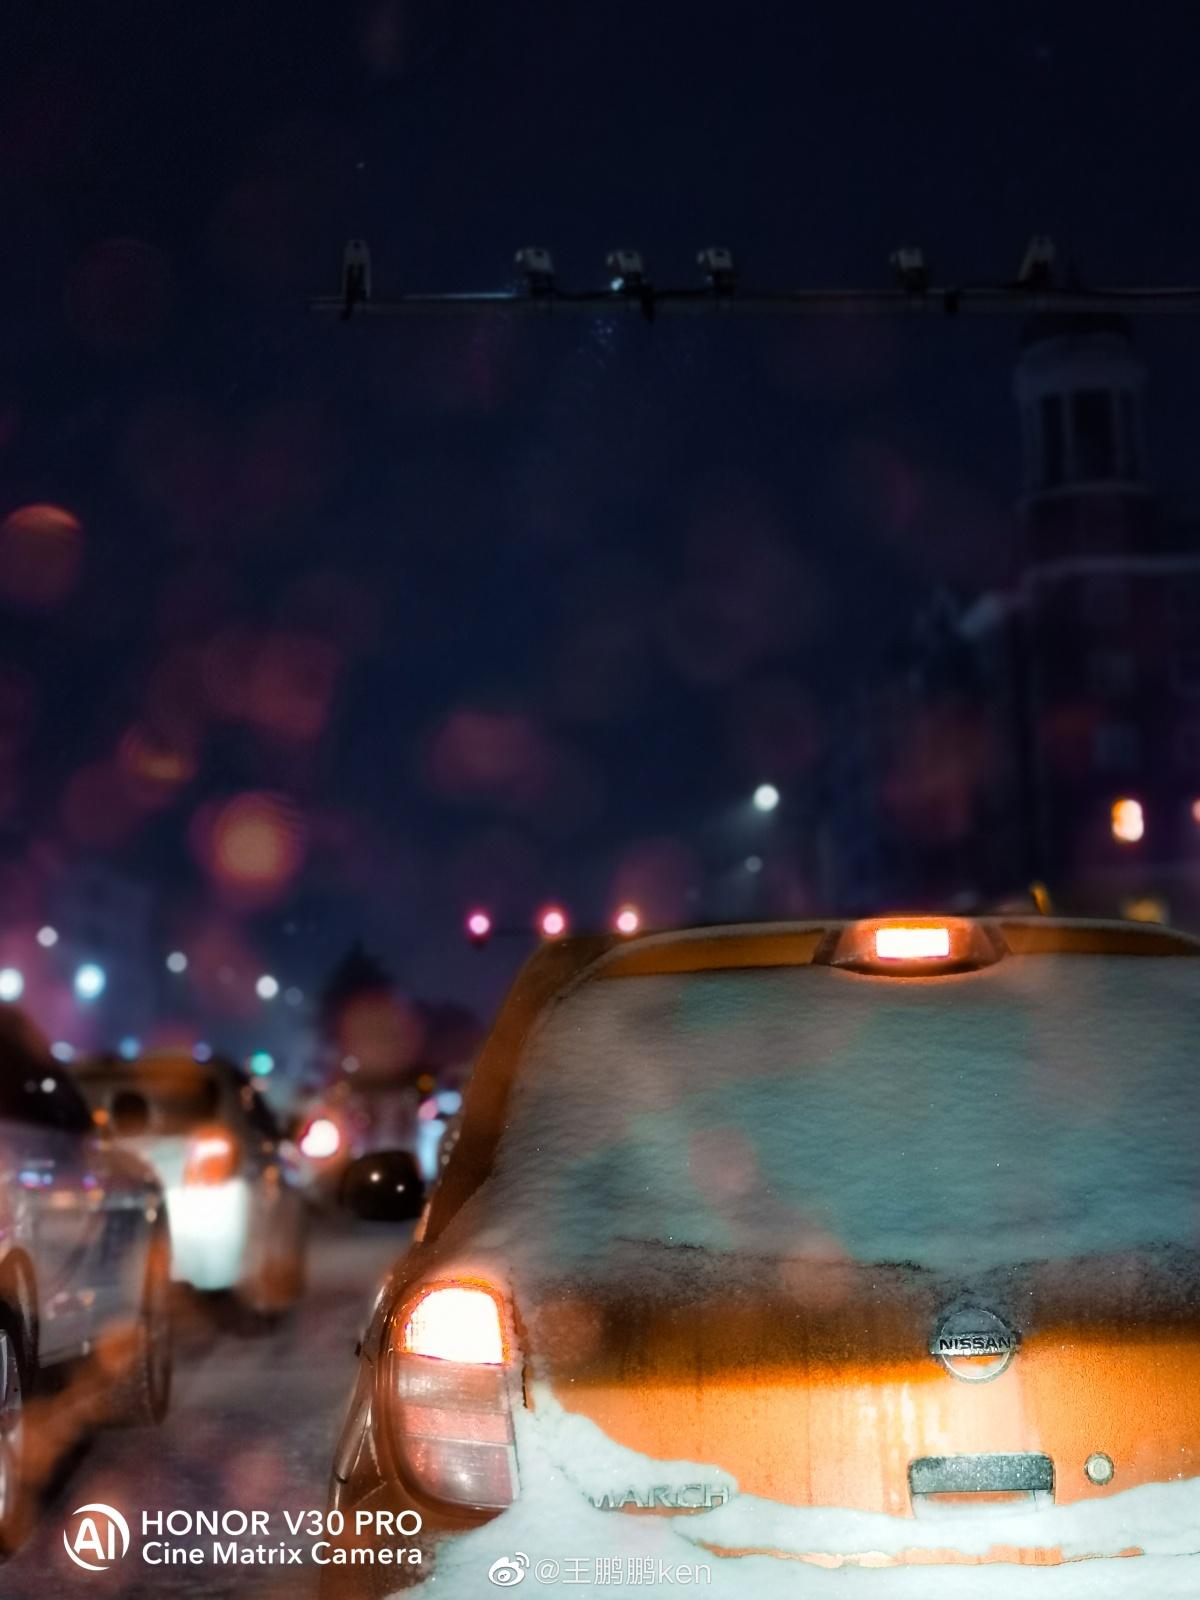 最近走过了很多城市,去哈尔滨看了今年的第... 来自王鹏鹏ken - 微博.jpg